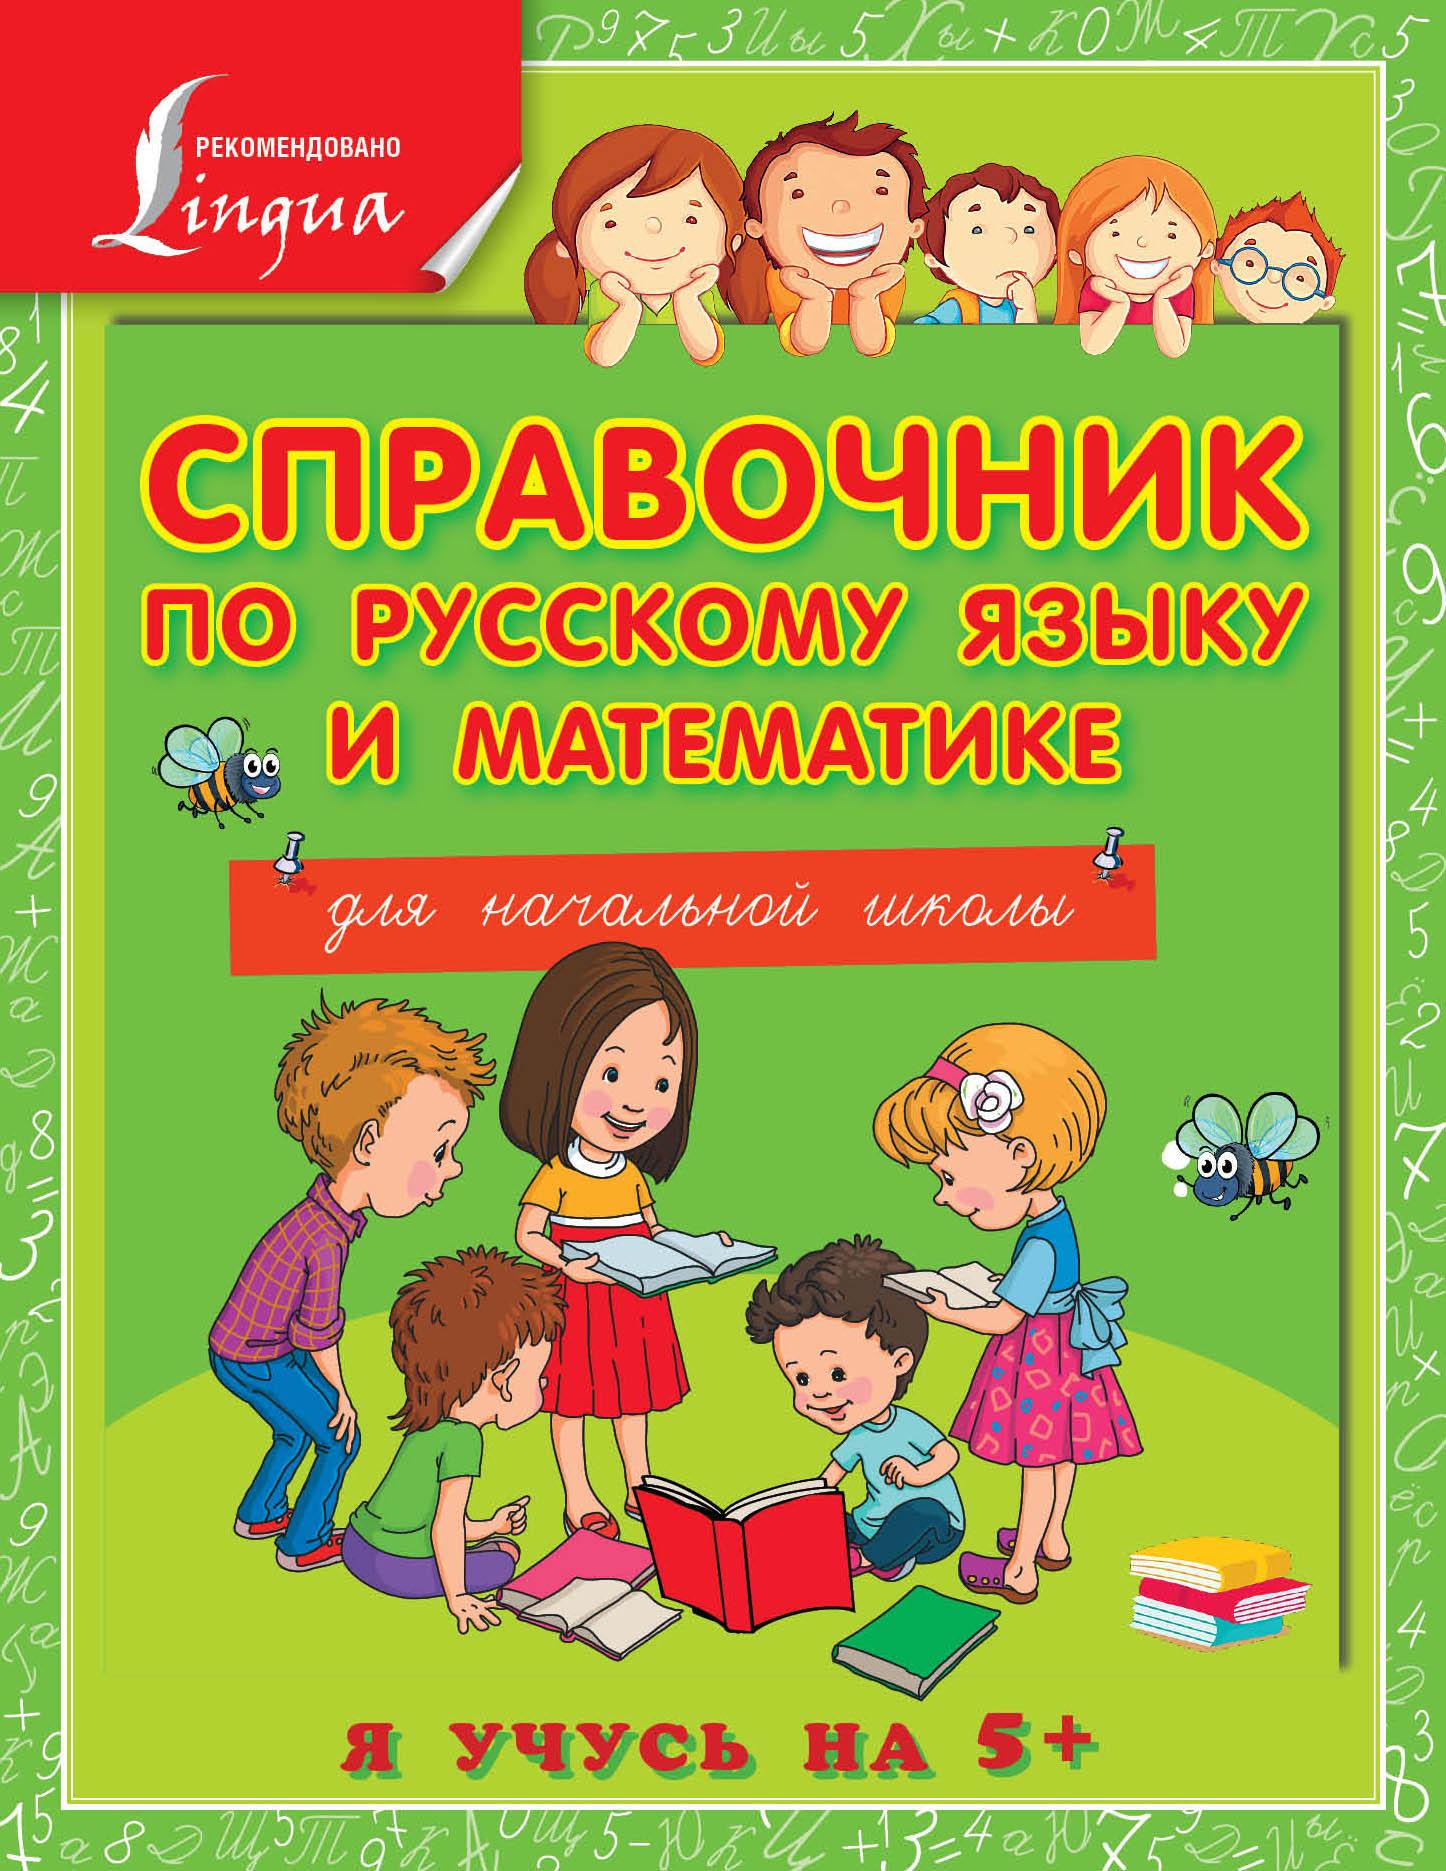 Источник: Круглова А., Справочник по русскому языку и математике для начальной школы